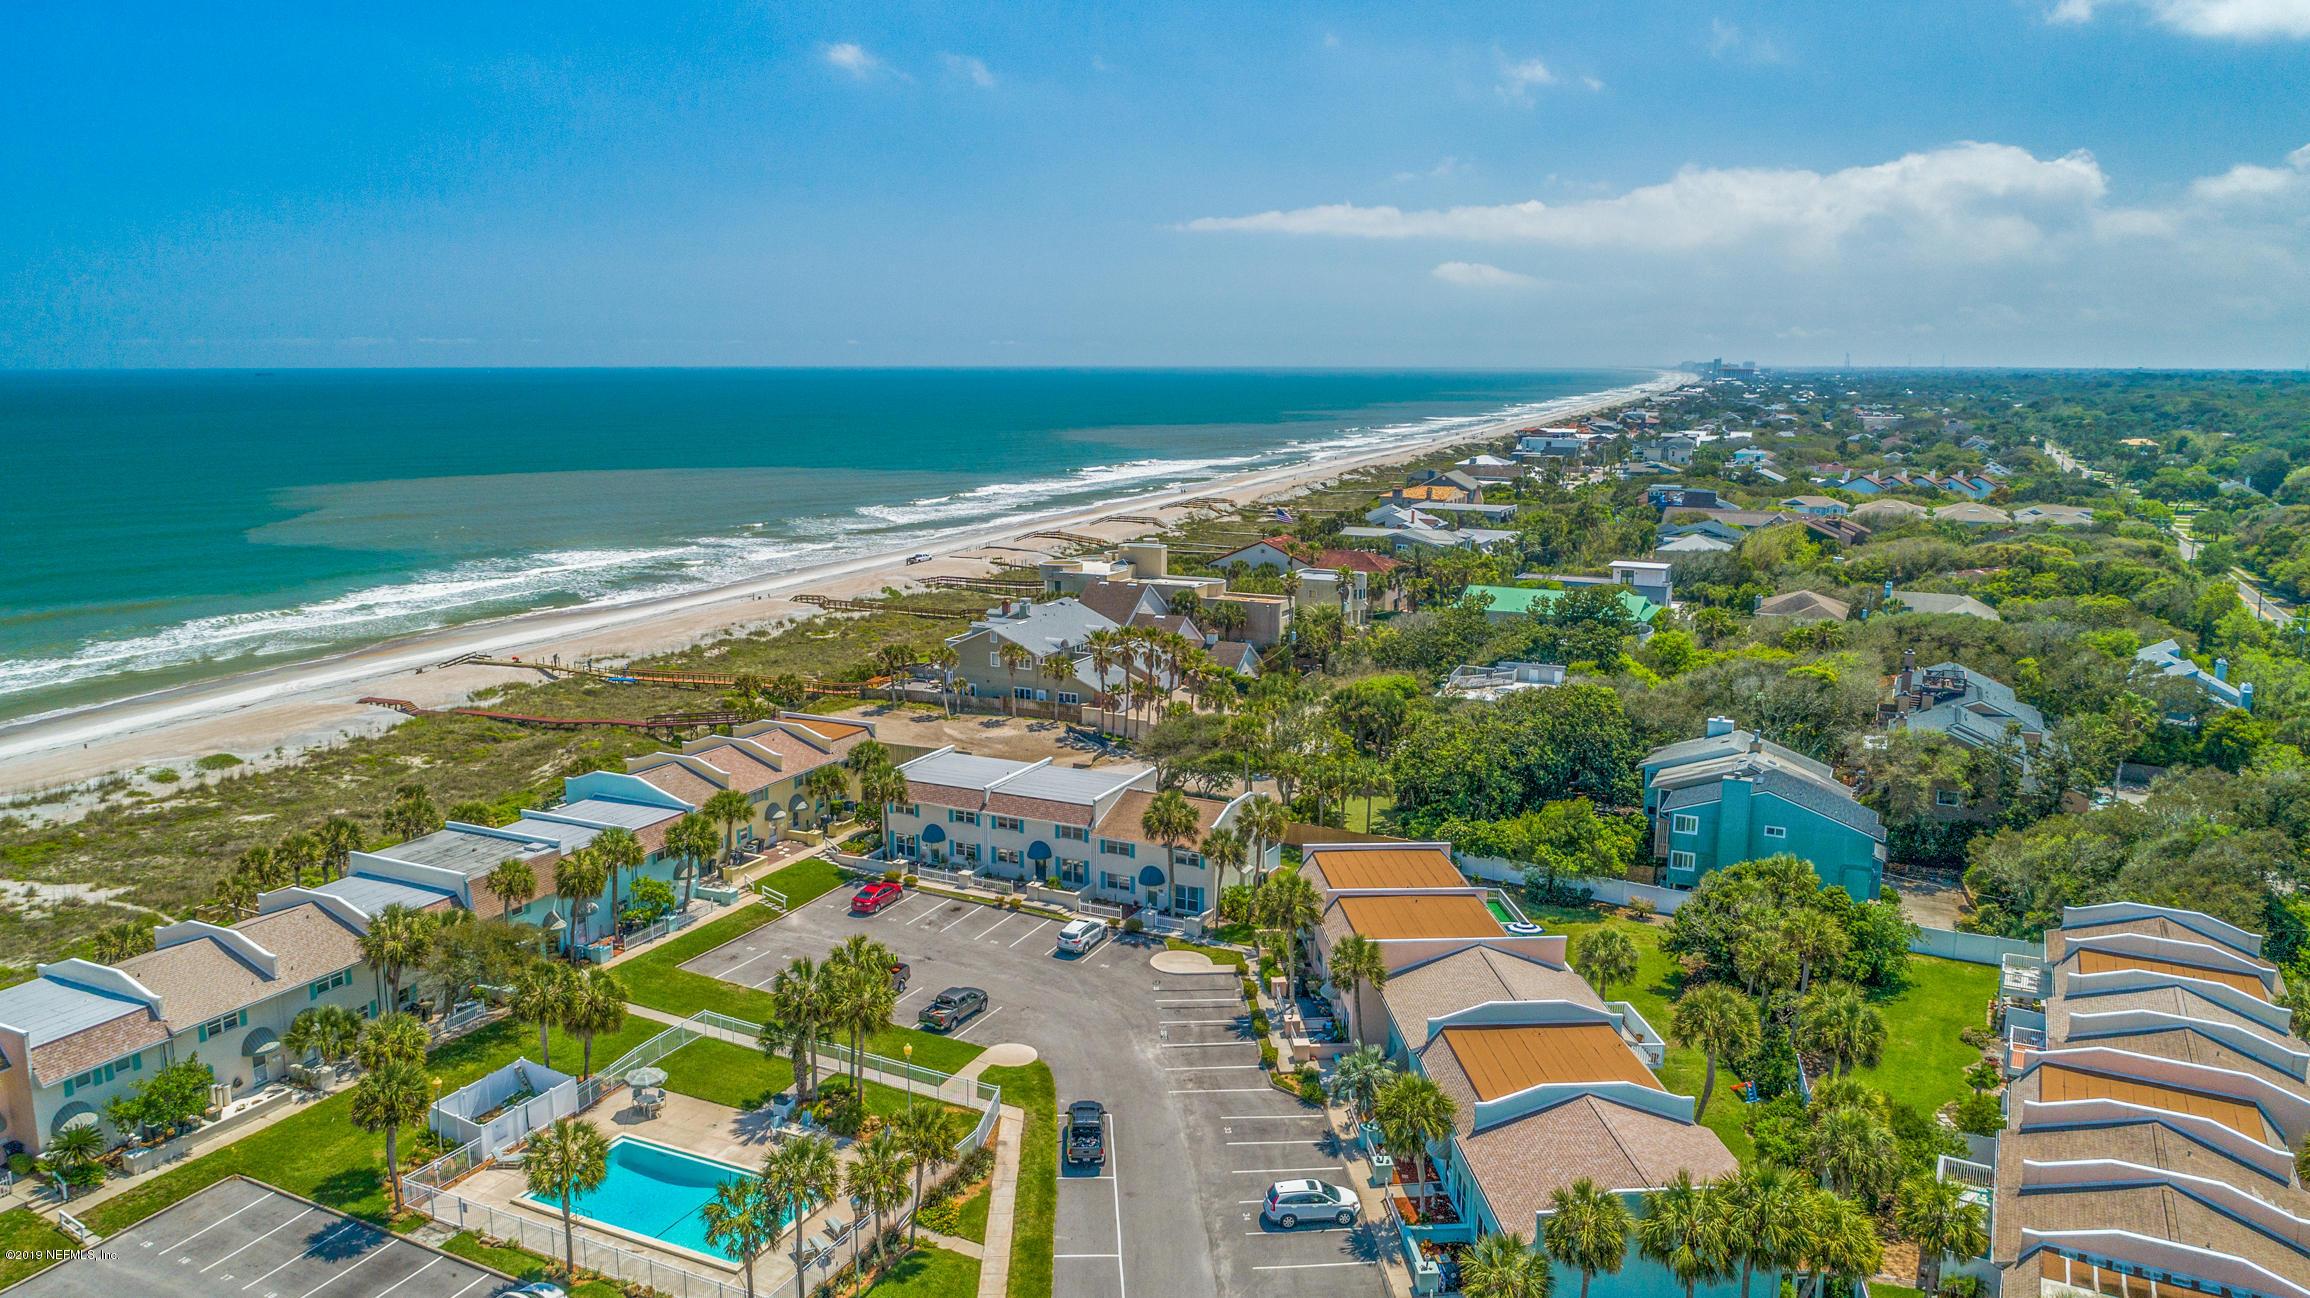 2233 SEMINOLE, ATLANTIC BEACH, FLORIDA 32233, 3 Bedrooms Bedrooms, ,2 BathroomsBathrooms,Residential - condos/townhomes,For sale,SEMINOLE,989443